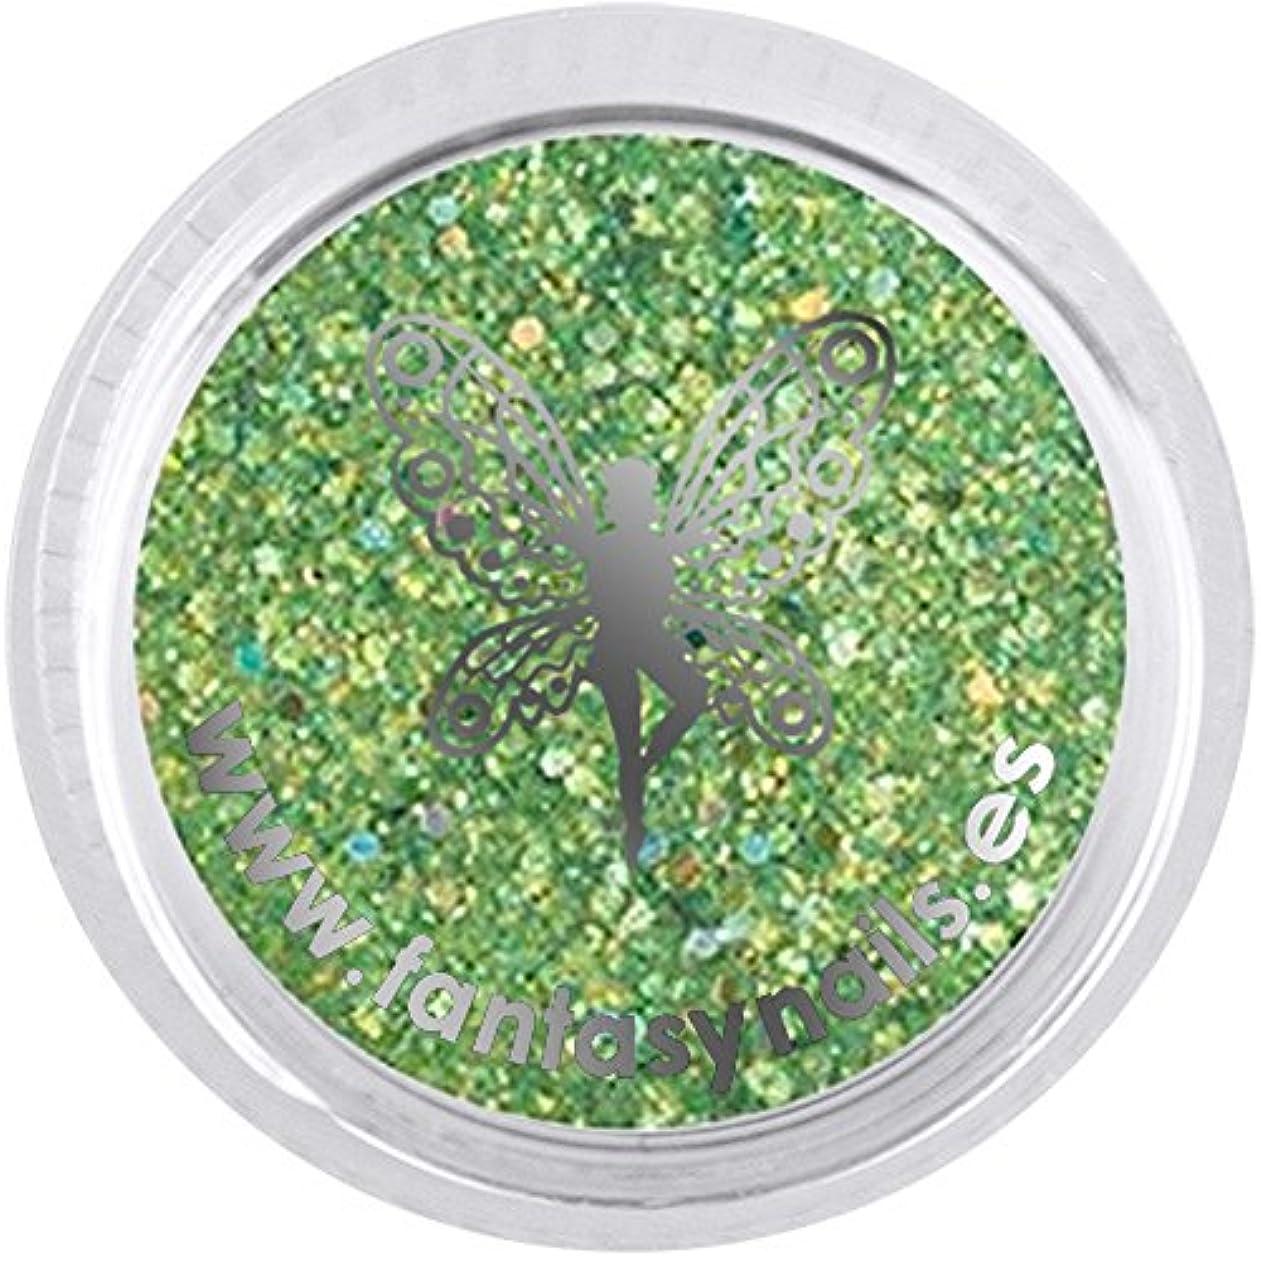 妨げる誓う慎重にFANTASY NAIL ダイヤモンドコレクション 3g 4265XS カラーパウダー アート材